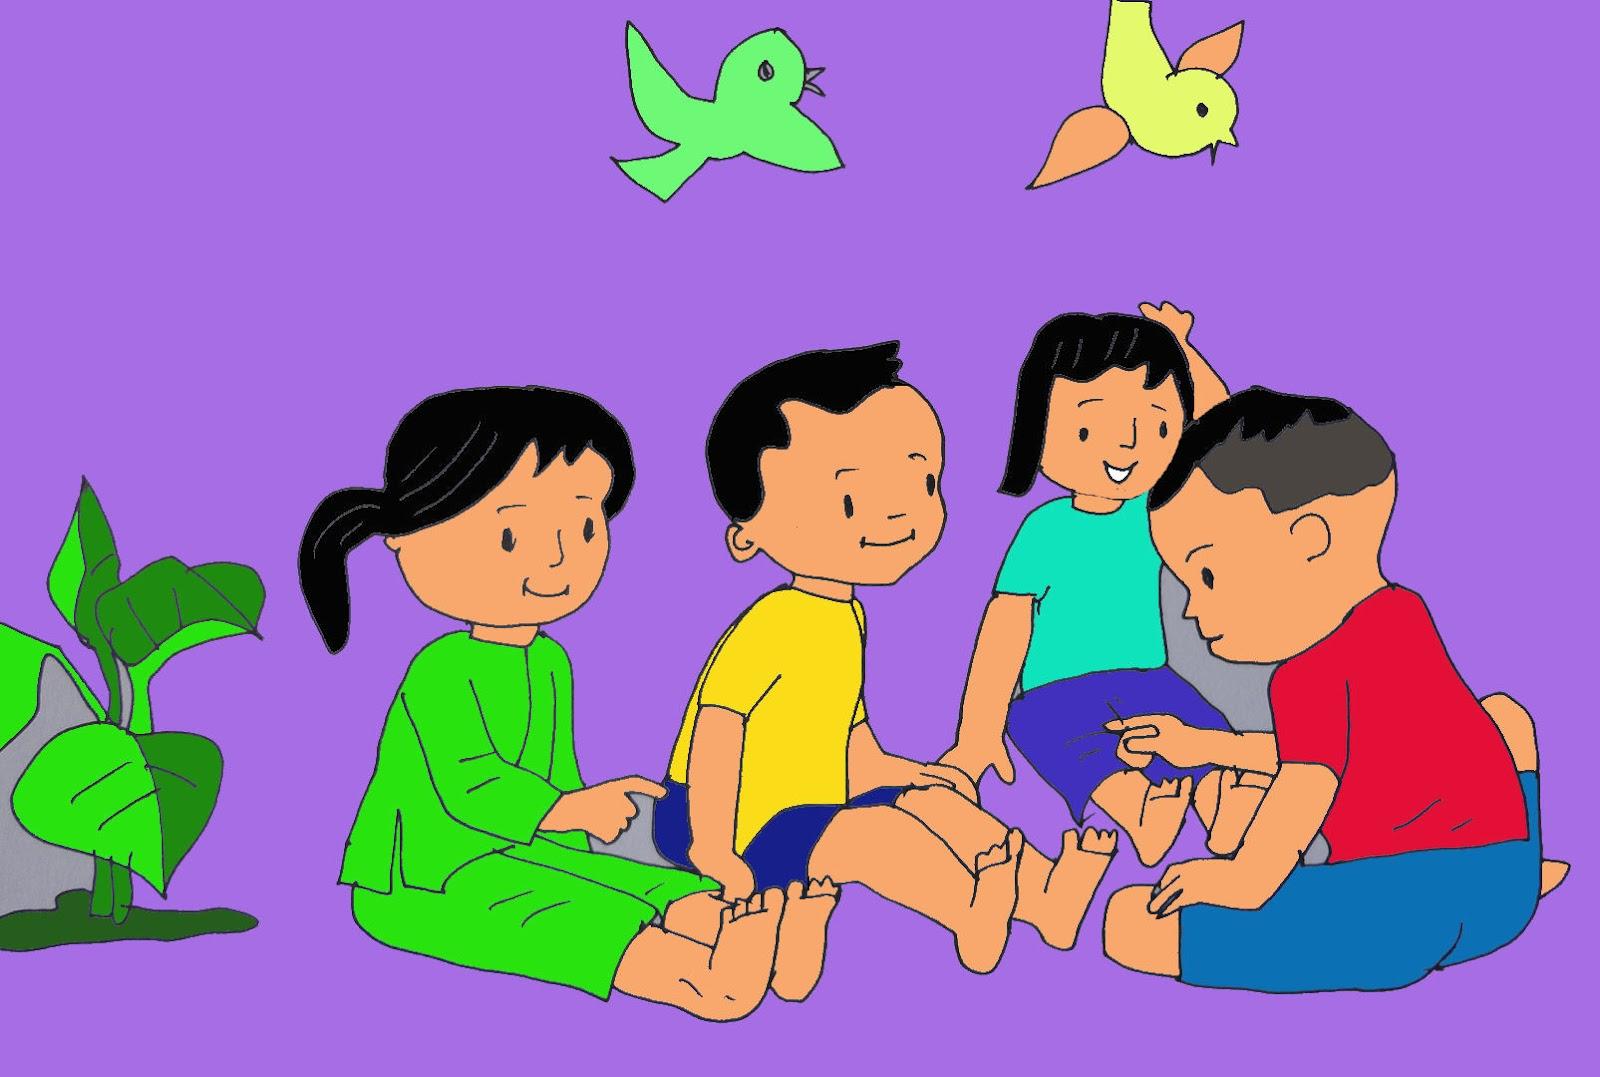 Kết quả hình ảnh cho dạy bé chơi với mọi người